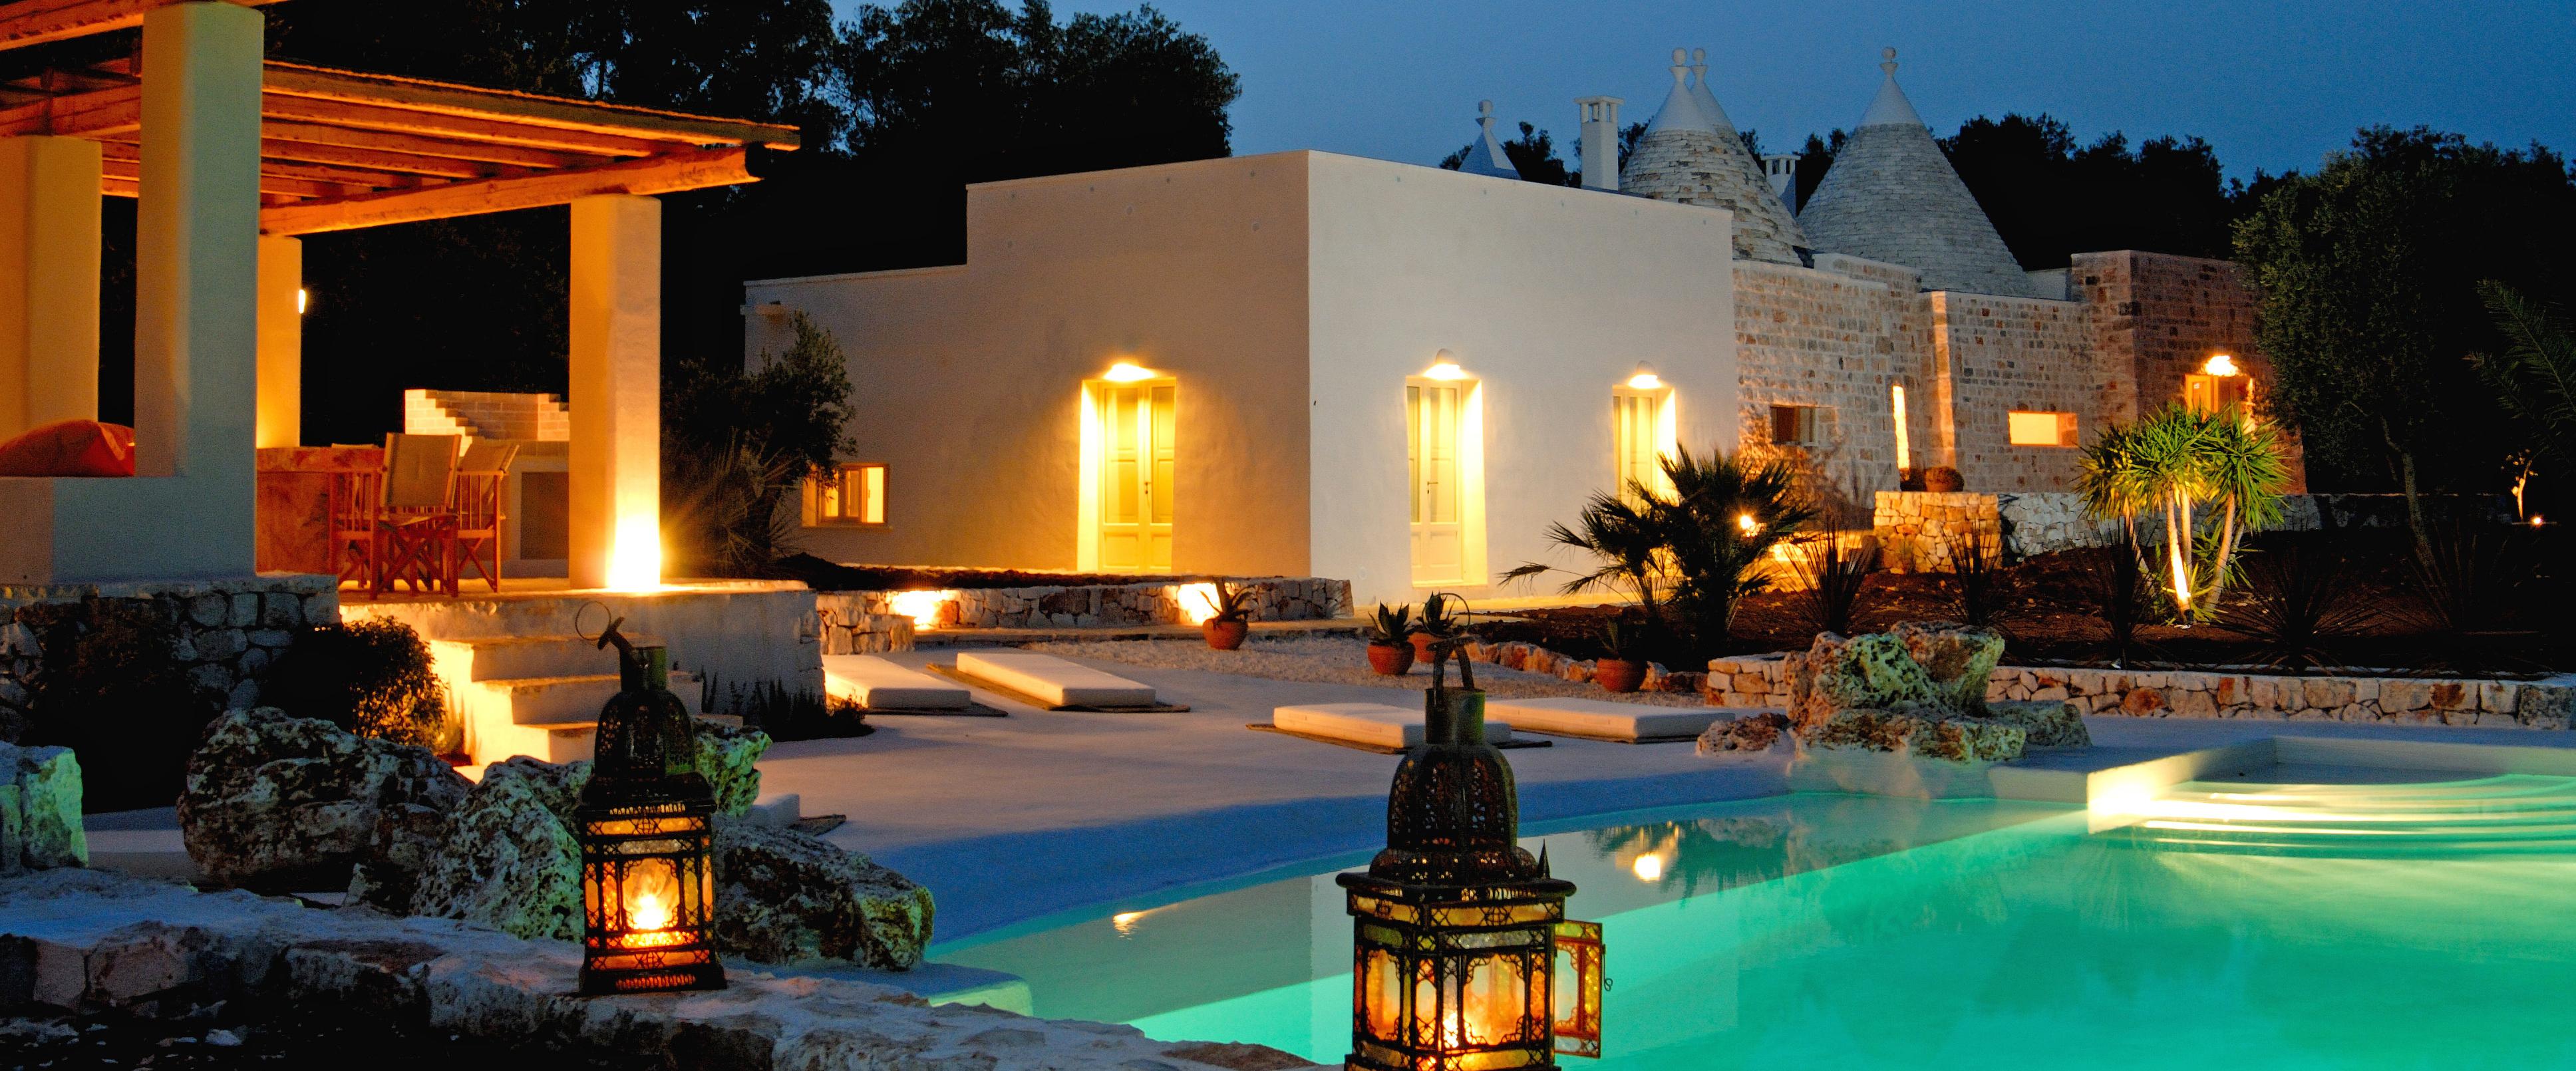 luxury-3-bed-family-villa-puglia